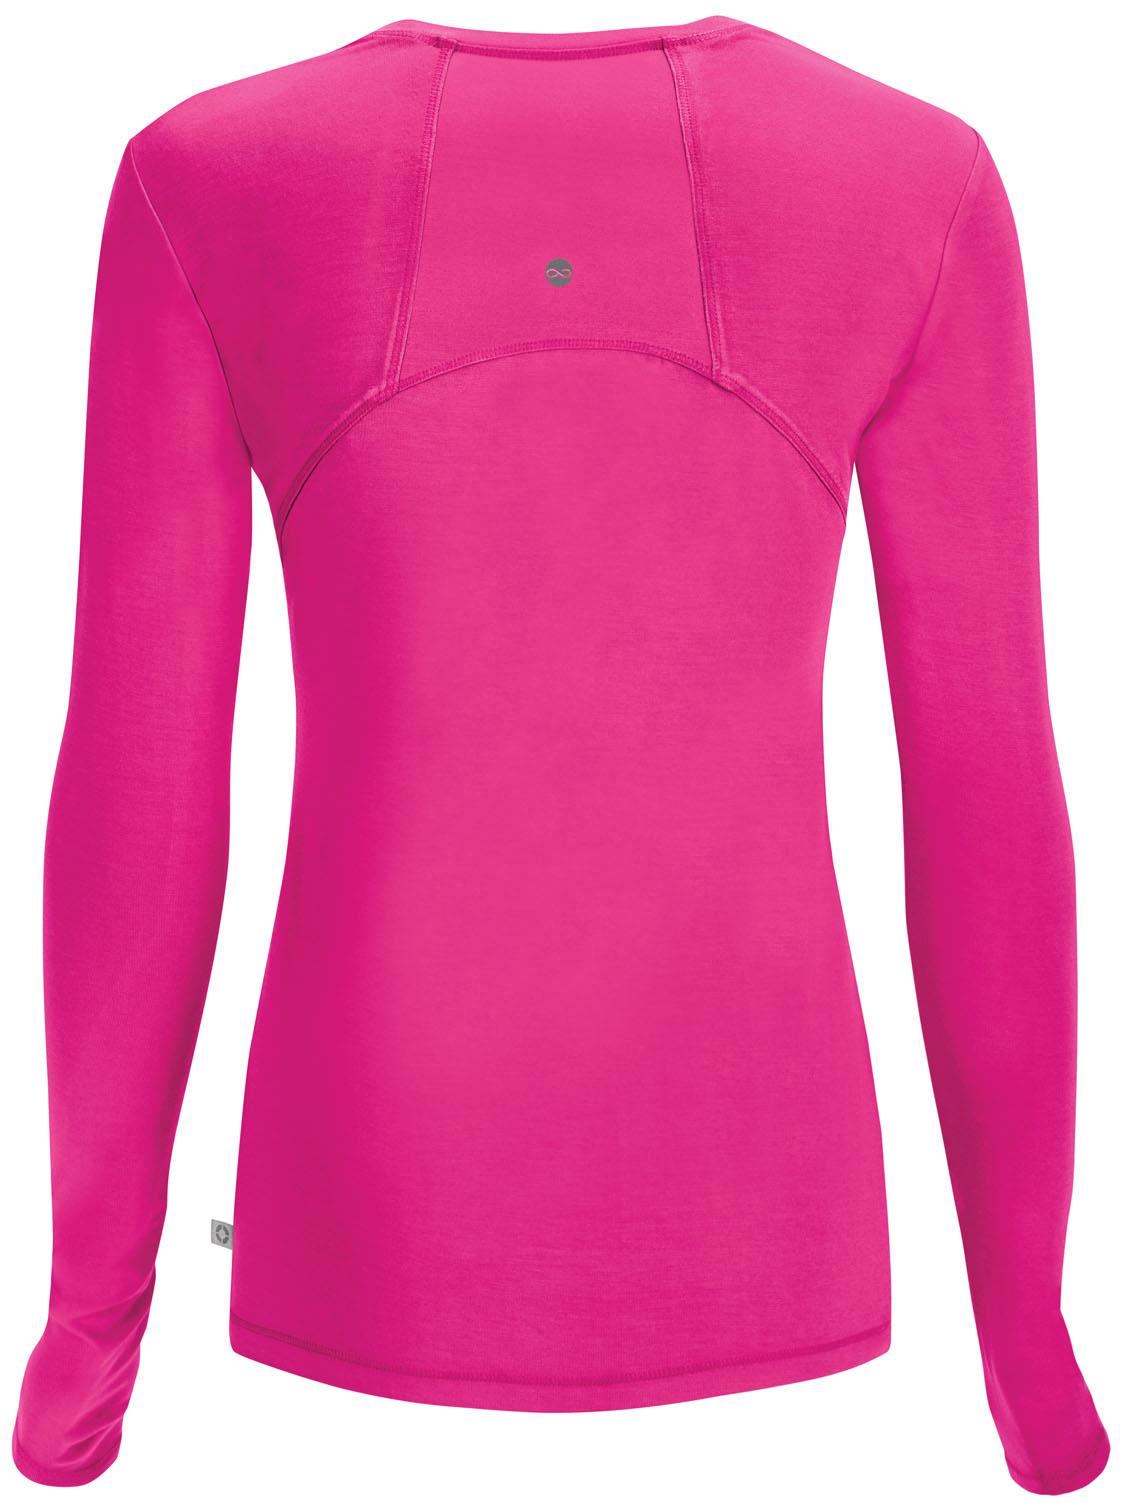 CHEROKEE Pink Long Sleeve Women's Underscrub Shirts 2626A